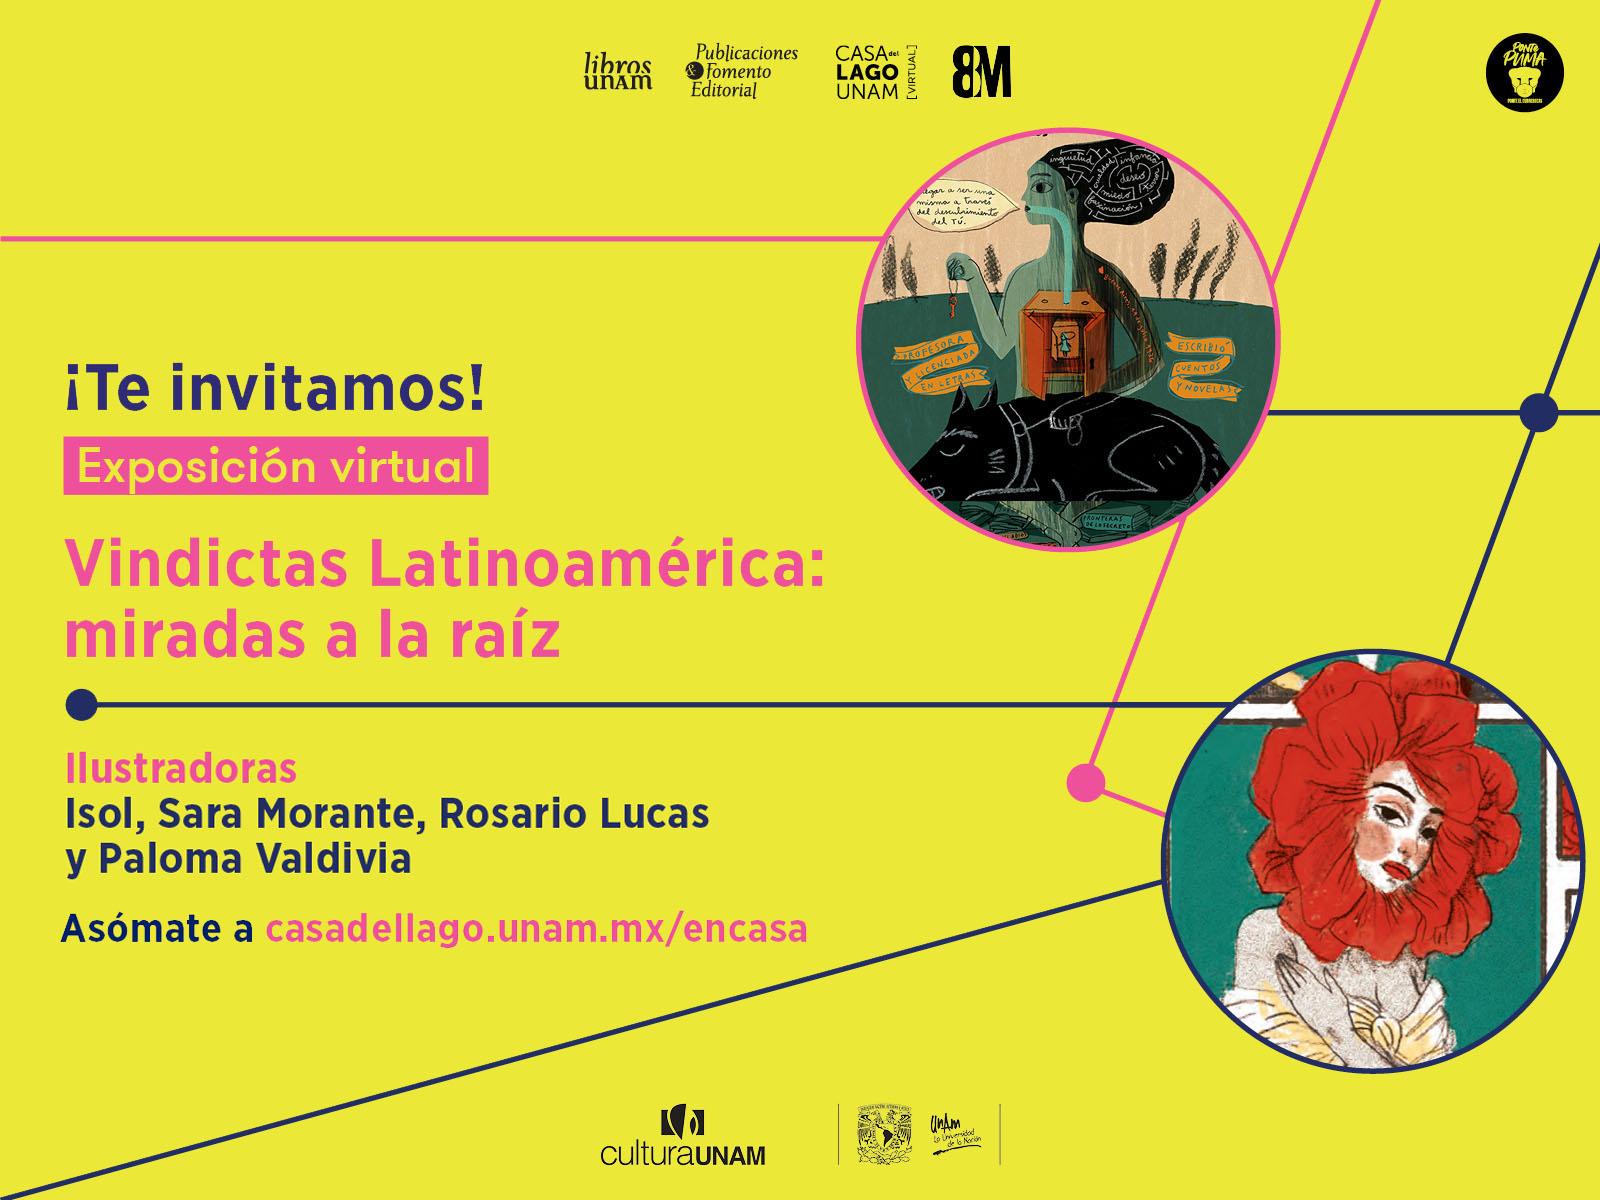 Exposición virtual, Vindictas Latinoamérica: miradas a la raíz - Libros UNAM